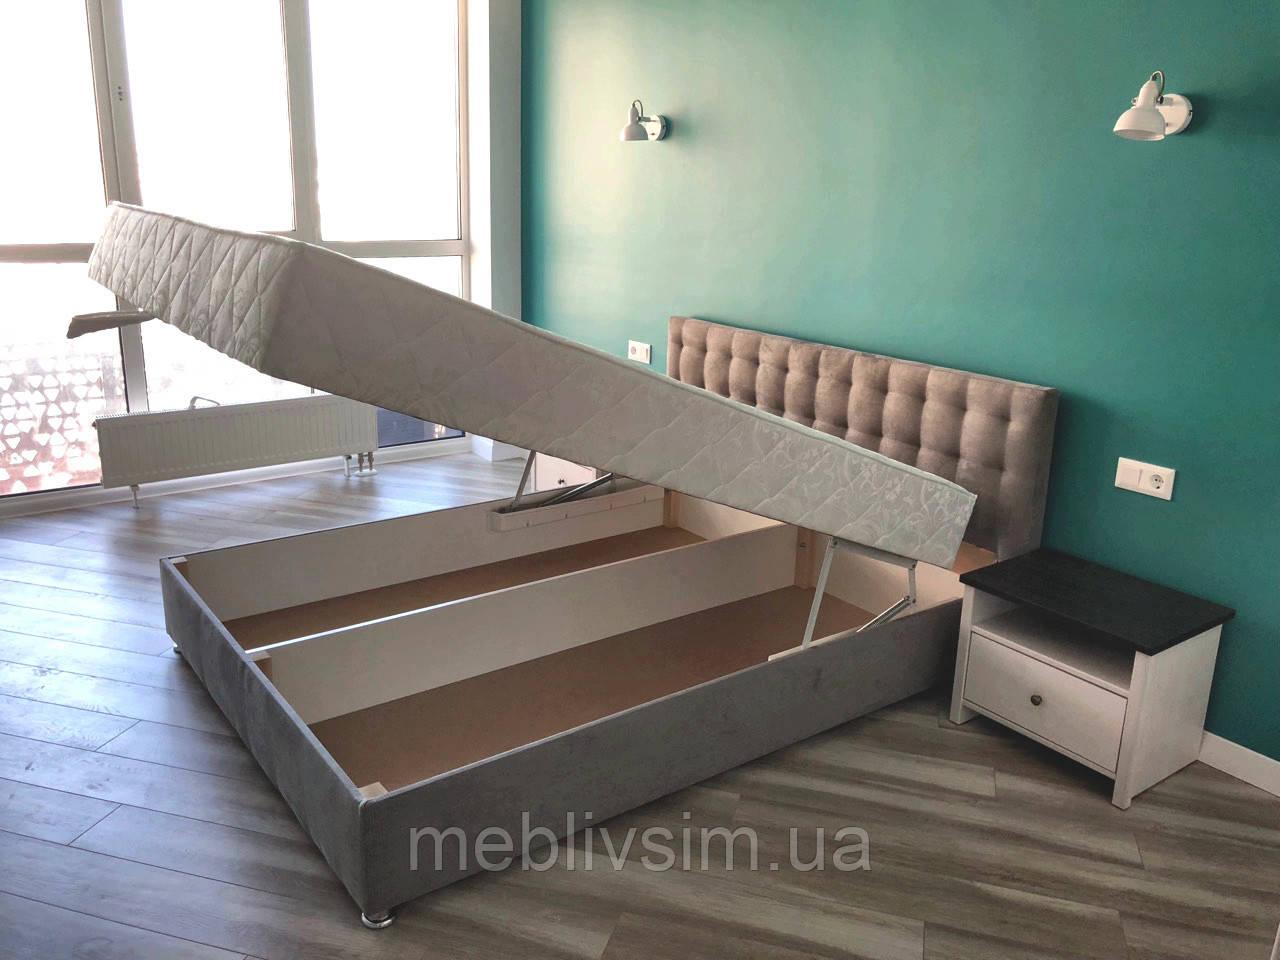 Кровать Альянс Камила 1,8 в обивке под замш мышиного цвета с матрасом и подъёмным механизмом без пуговиц